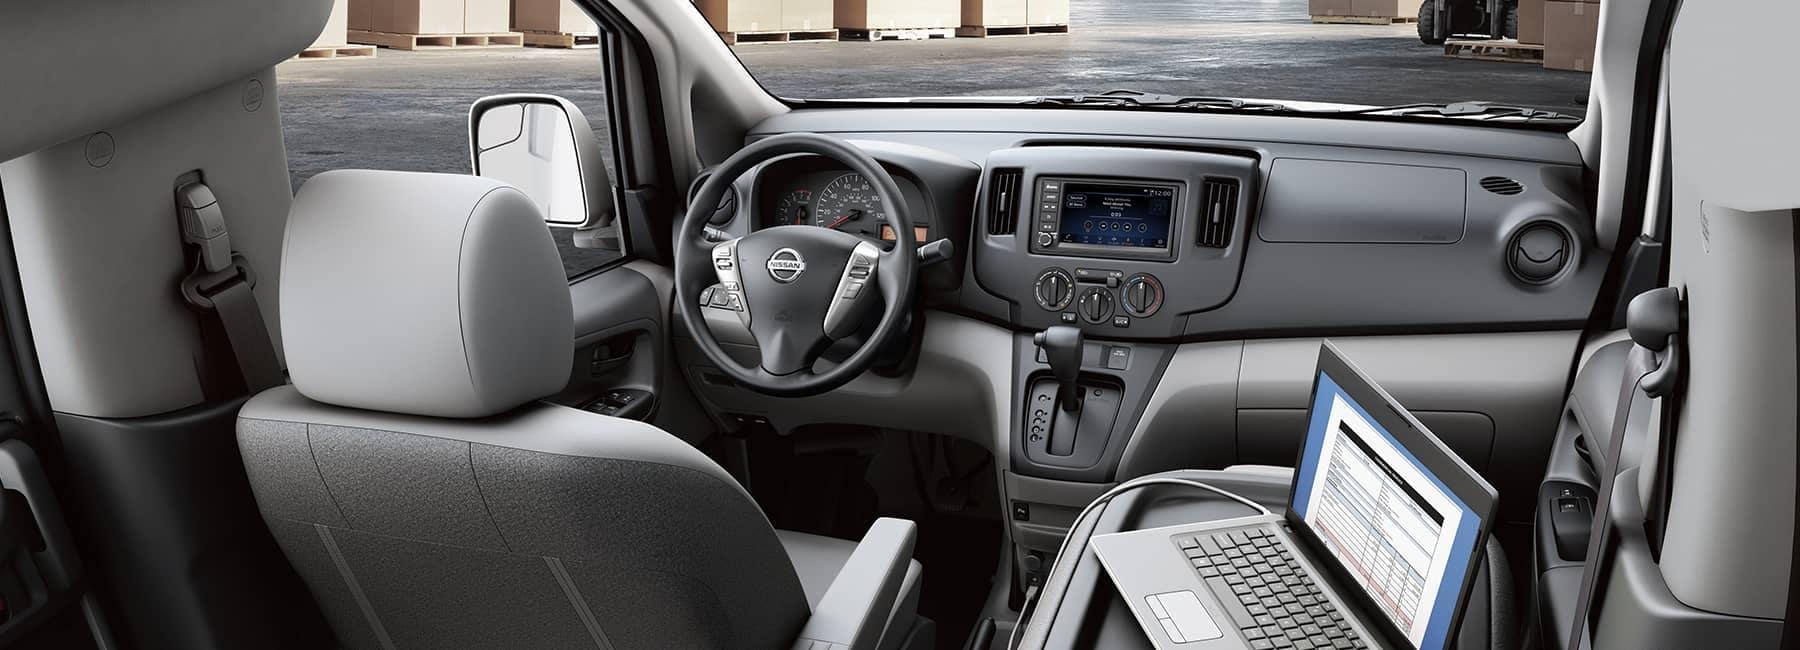 nv200 interior